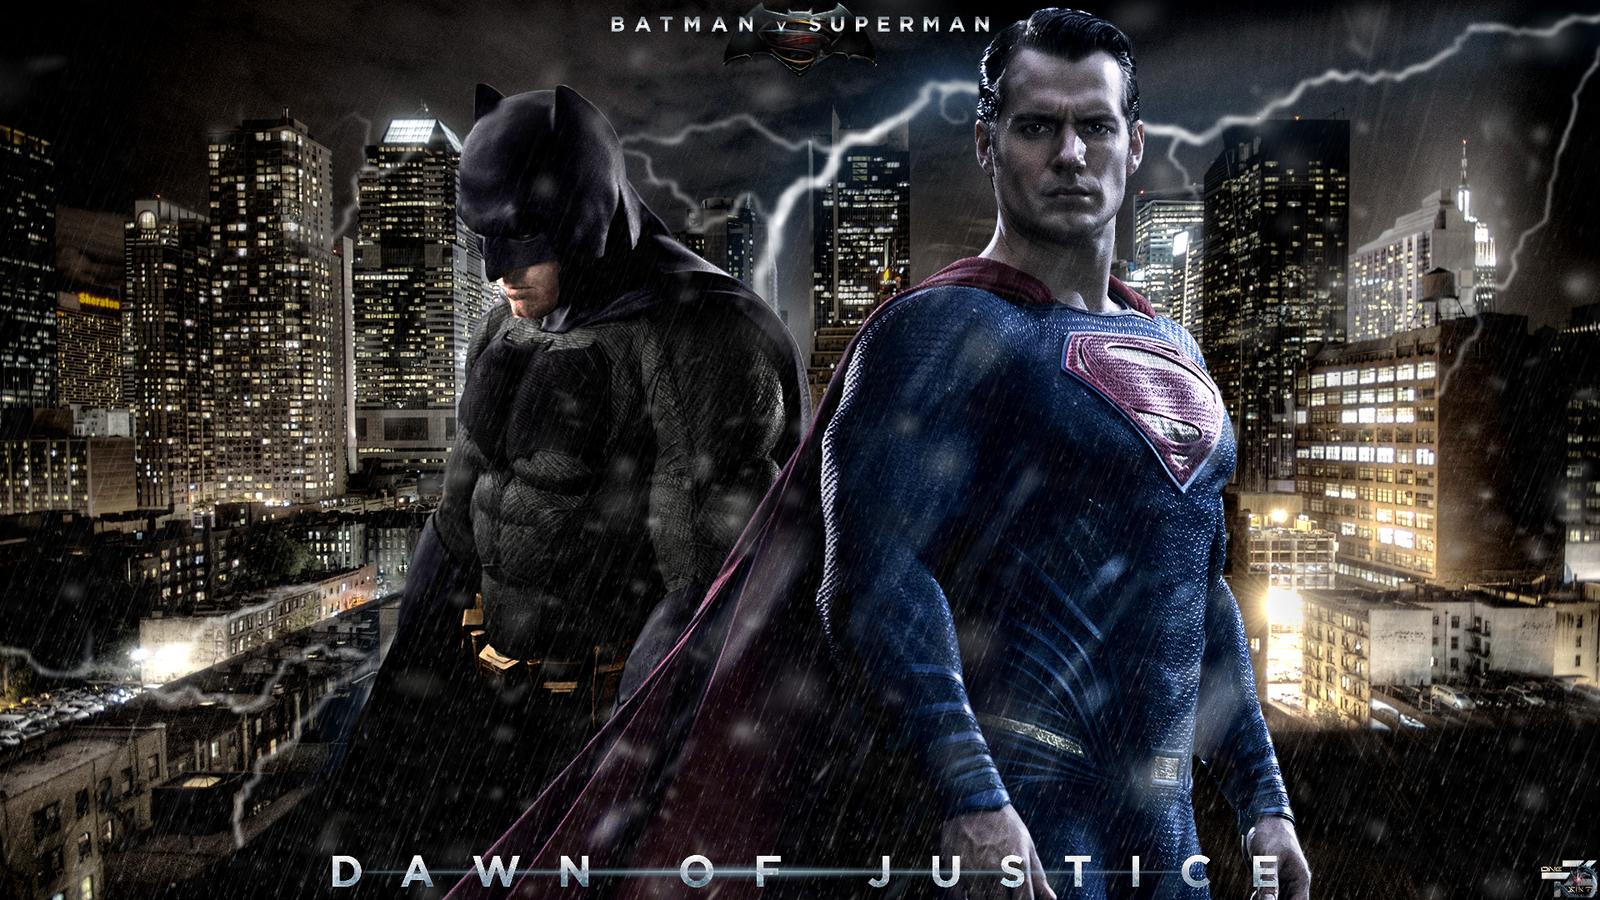 batman vs superman dawn of justice hd wallpaper - drive